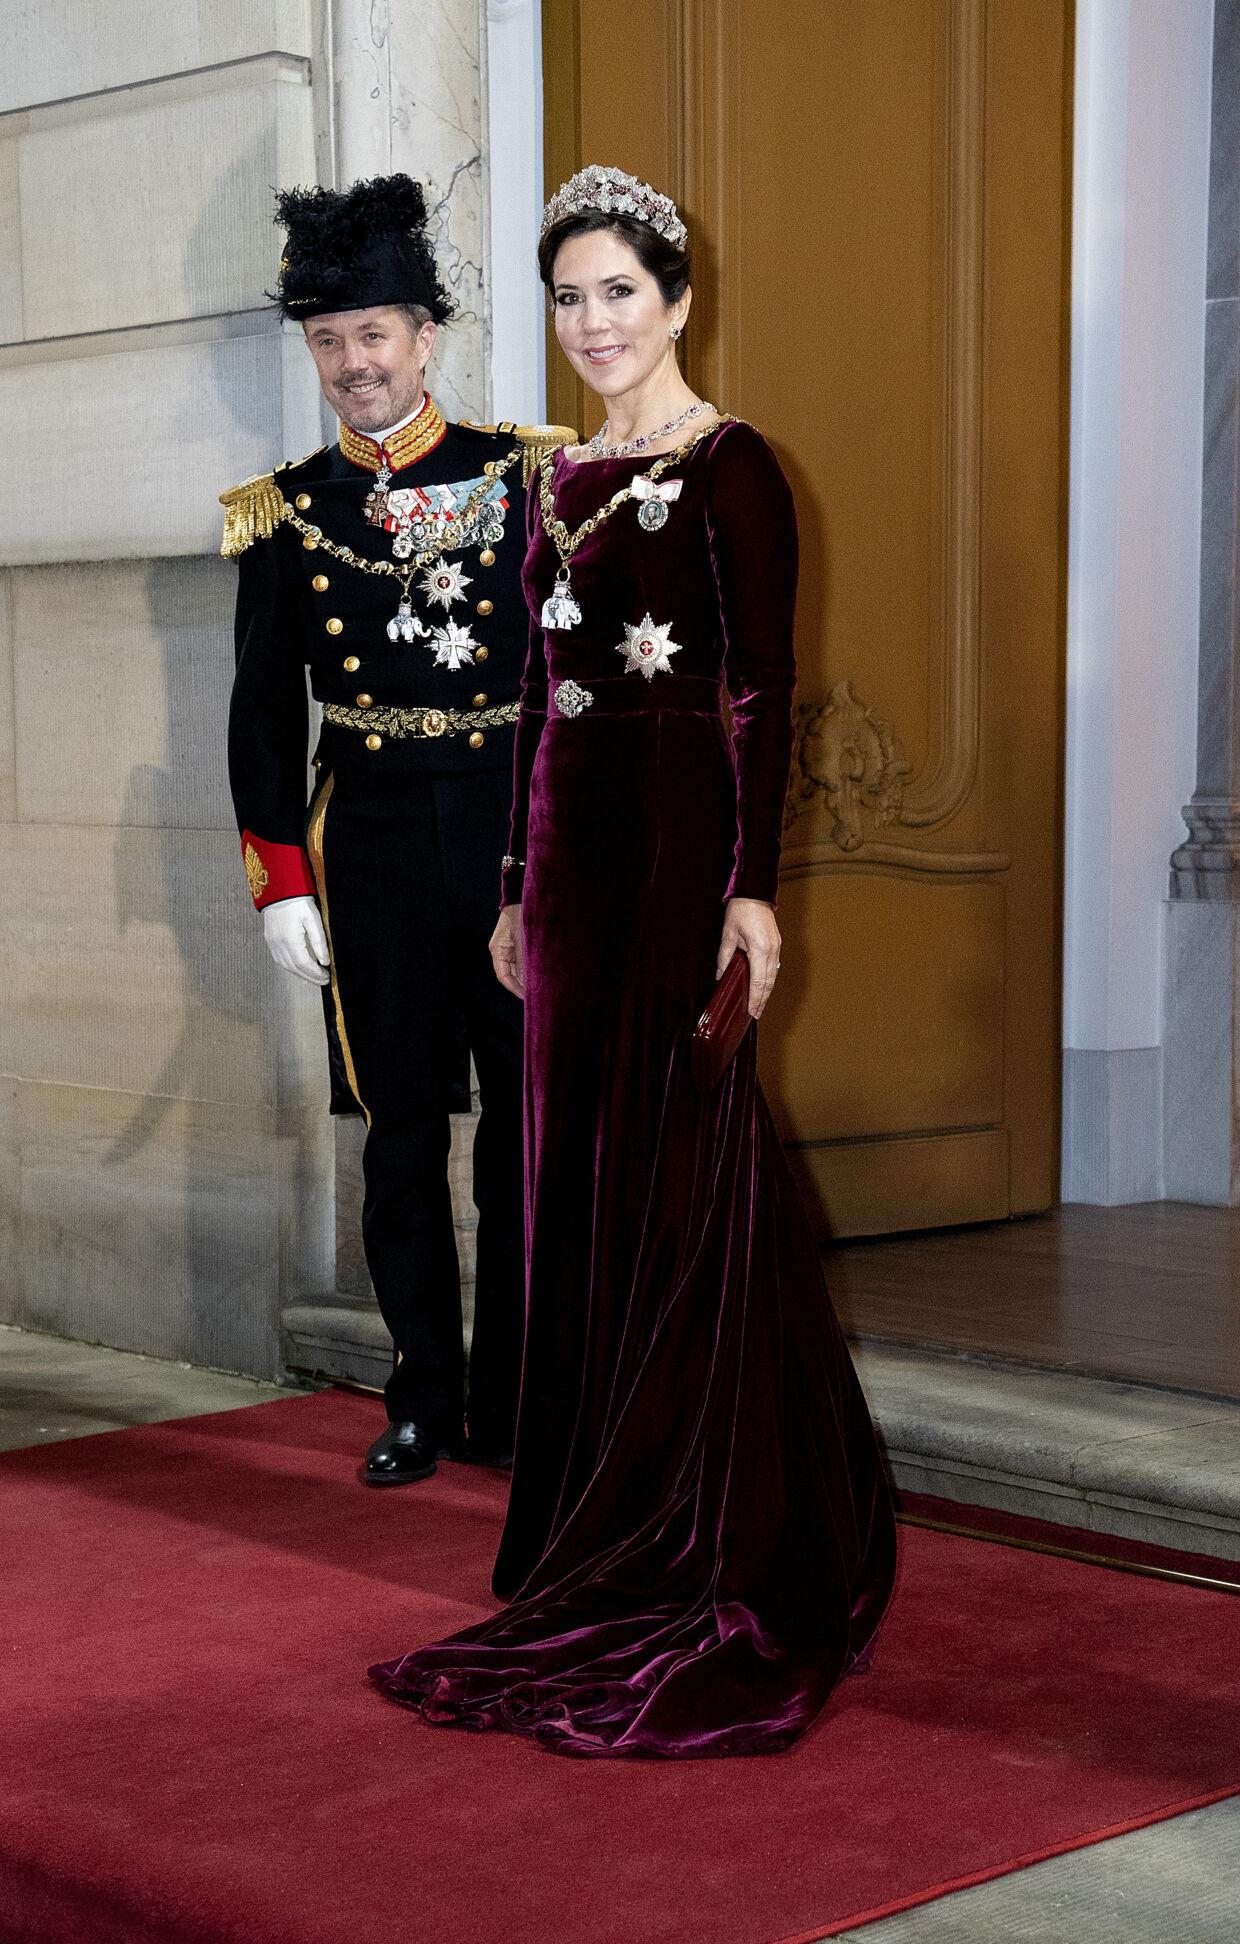 Kronprinsesse Mary og kronprins Frederik ankommer, da dronning Margrethe afholder nytårskur og -taffel for regeringen, Folketingets formand, repræsentanter for det officielle Danmark og hoffet i Christian VII's Palæ, Amalienborg, onsdag den 1. januar 2020. (foto Keld Navntoft/Ritzau Scanpix )